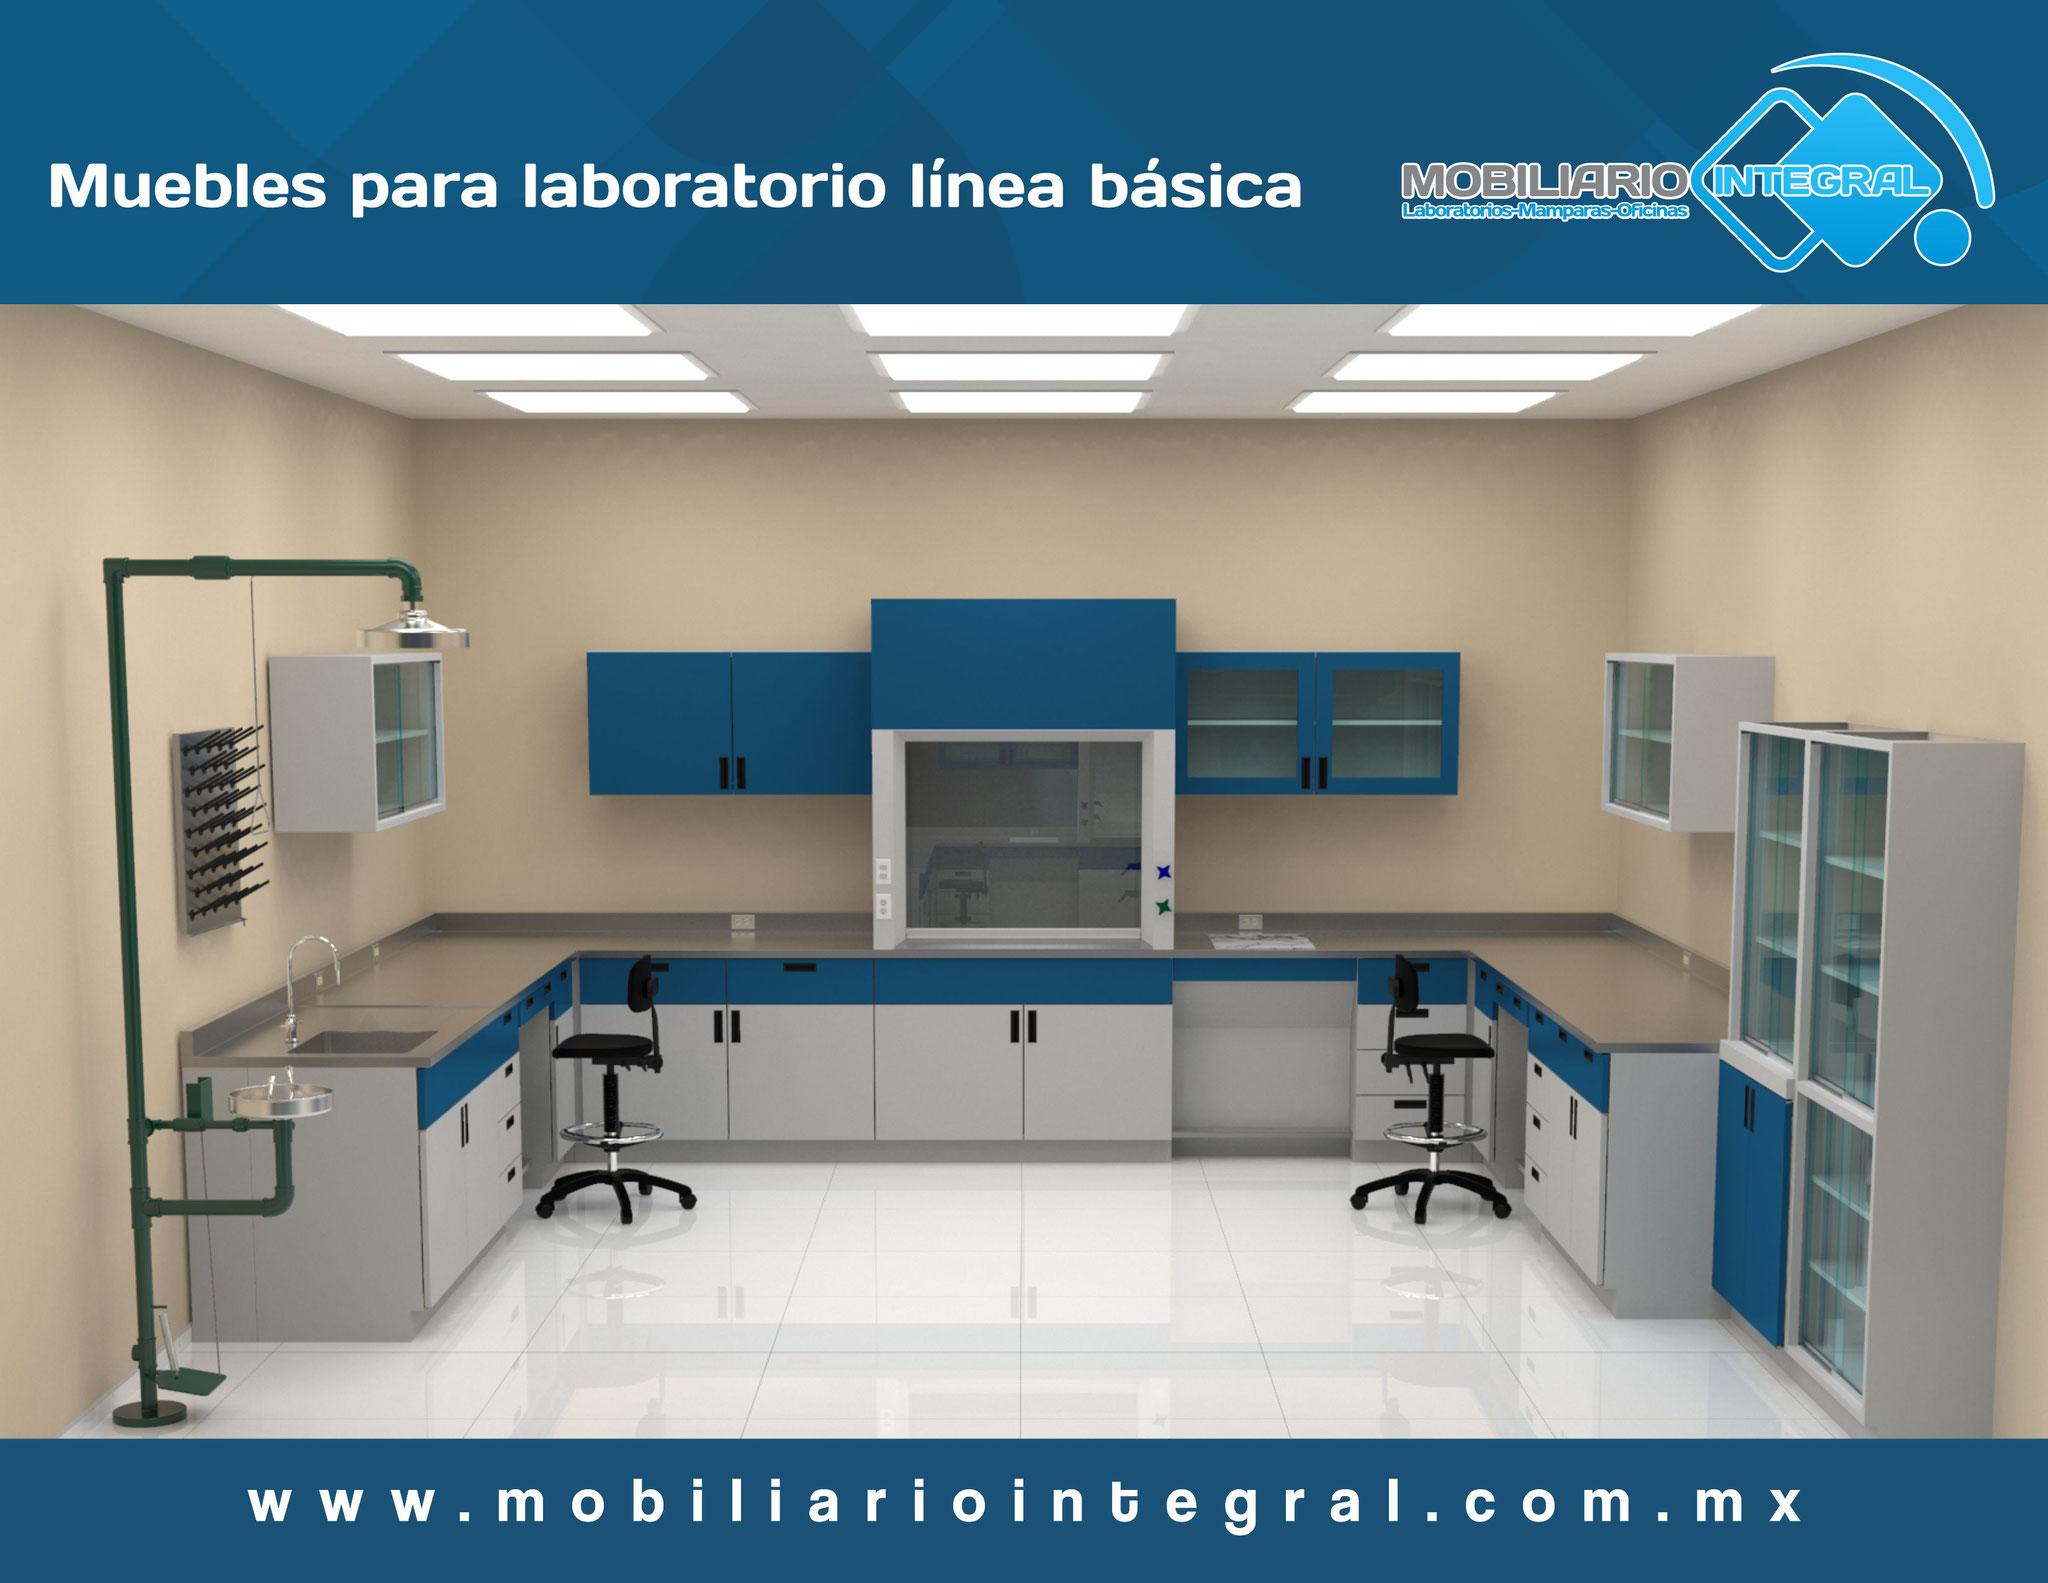 Muebles para laboratorio en Chicoloapan